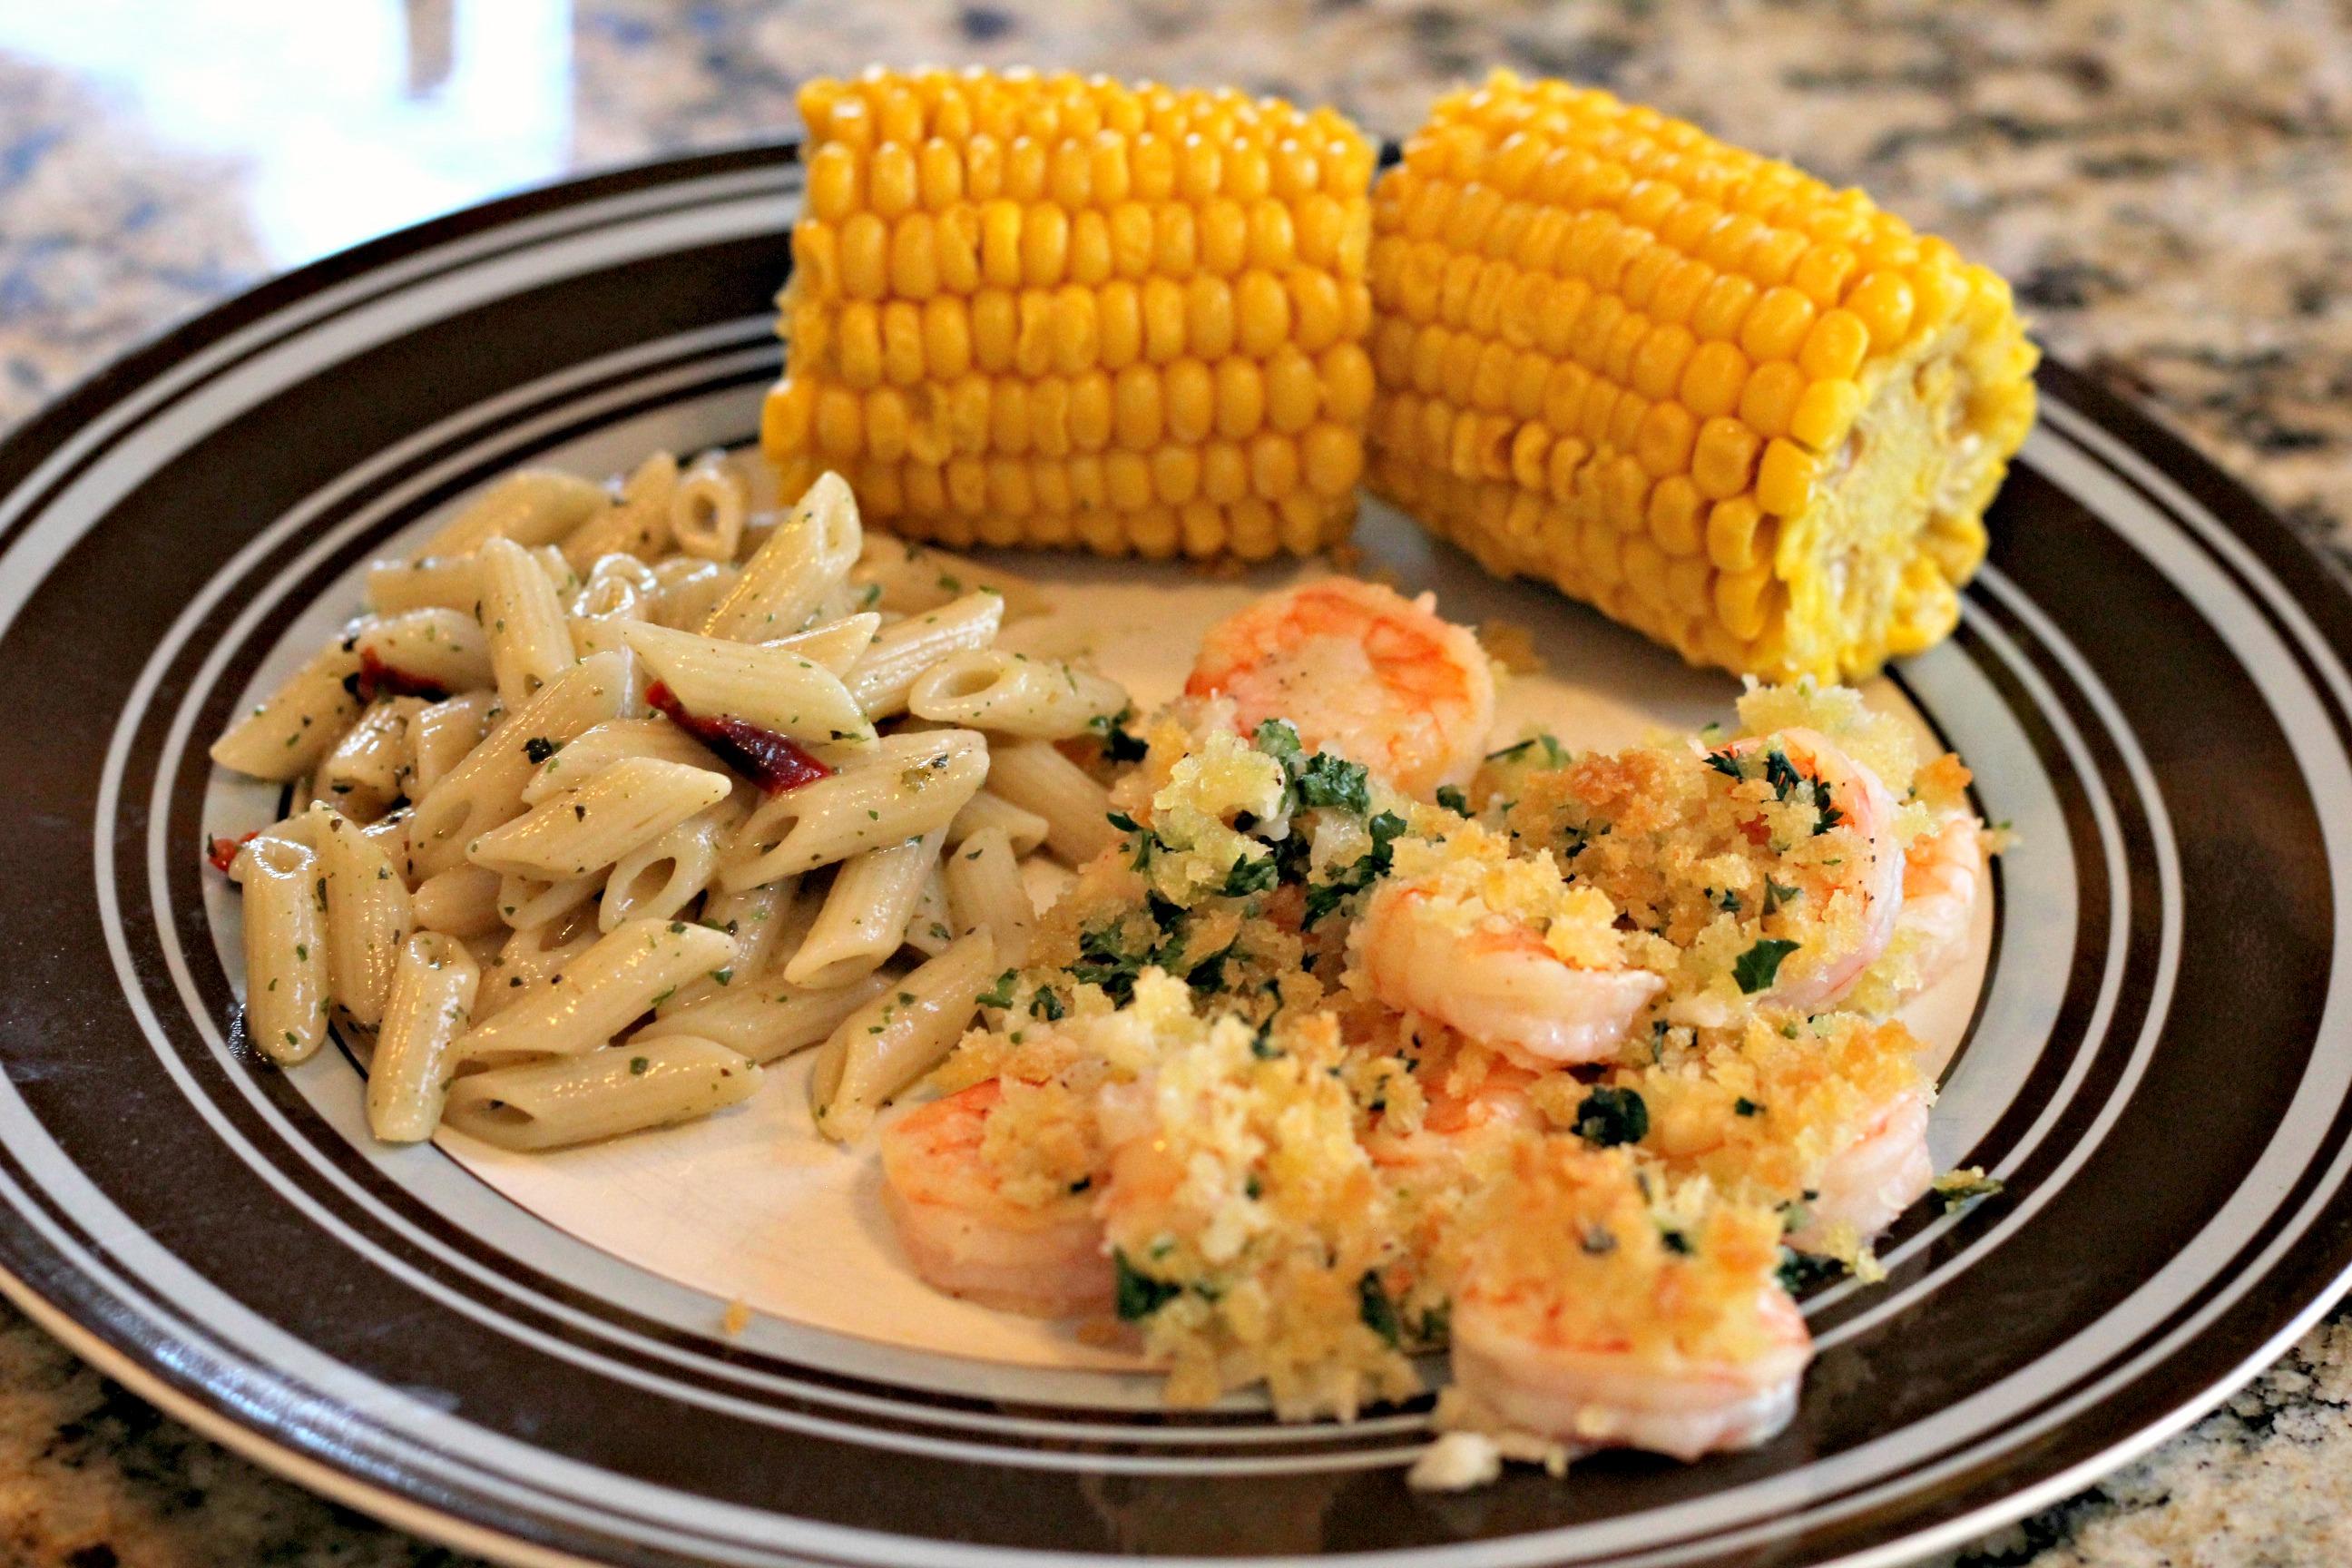 Garlicky Baked Shrimp Normal Cooking